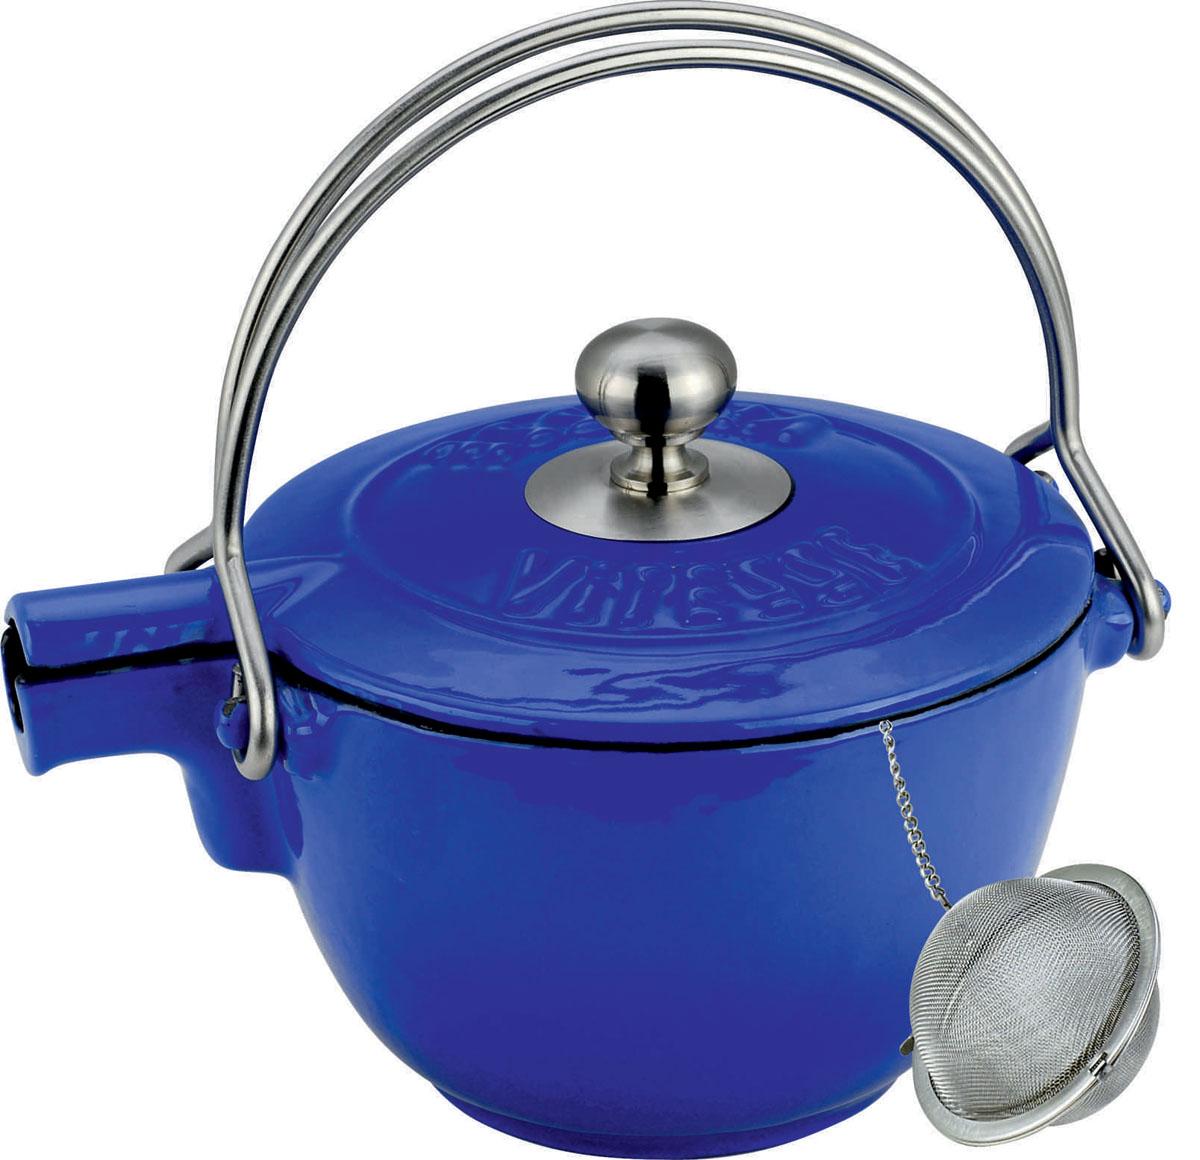 Чайник заварочный Vitesse Ferro, с ситечком, цвет: синий, 1,15 лVS-2329Заварочный чайник Vitesse Ferro изготовлен из чугуна с эмалированной внутренней и внешней поверхностью. Эмалированный чугун - это железо, на которое наложено прочное стекловидное эмалевое покрытие. Такая посуда отлично подходит для приготовления традиционной здоровой пищи. Чугун является наилучшим материалом, который долго удерживает и равномерно распределяет тепло. Благодаря особым качествам эмали, чем дольше вы используете посуду, тем лучше становятся ее эксплуатационные характеристики. Чугун обладает высокой прочностью, износоустойчивостью и антикоррозийными свойствами. Чайник оснащен двумя металлическими ручками и крышкой. Металлическое ситечко на цепочке с крючком - в комплекте. Можно готовить на газовых, электрических, стеклокерамических, галогенных, индукционных плитах. Подходит для мытья в посудомоечной машине. Высота чайника (без учета ручки и крышки): 10,5 см. Диаметр чайника (по верхнему краю): 15,5 см. Диаметр ситечка: 6 см....